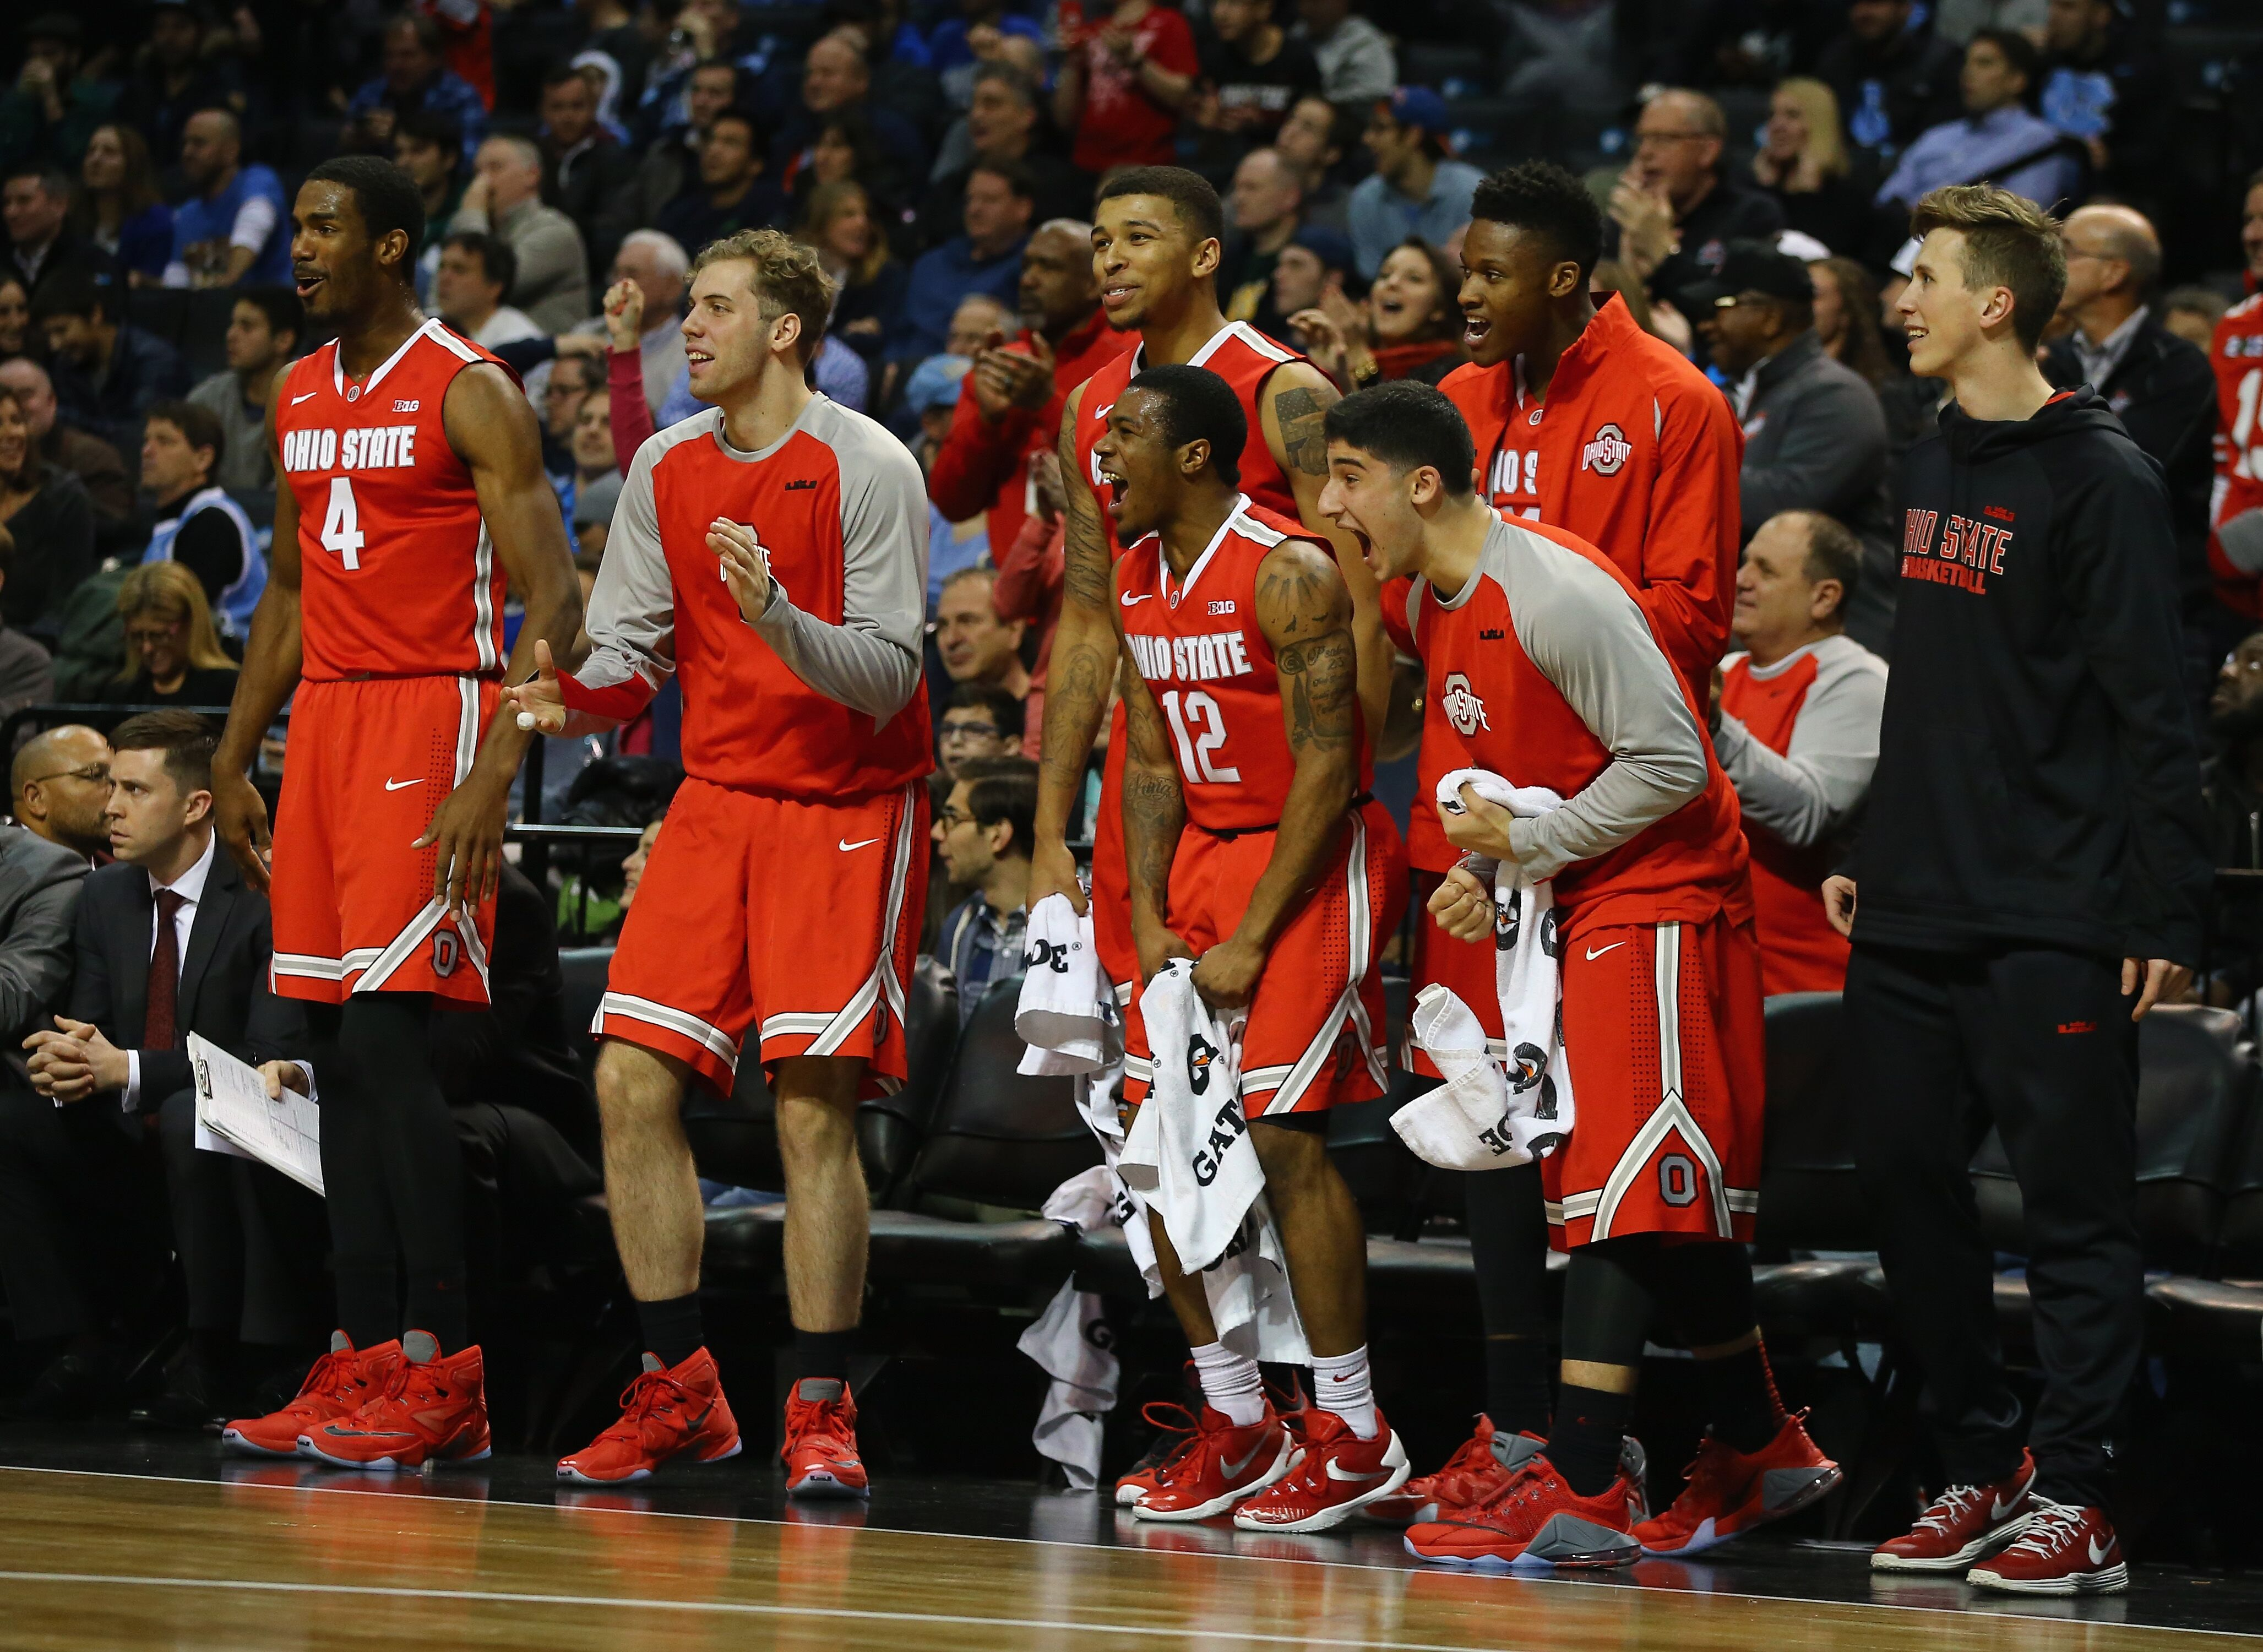 Kentucky Wildcats Basketball 2017 18 Season Preview: Ohio State Basketball: 2017-18 Season Preview For The